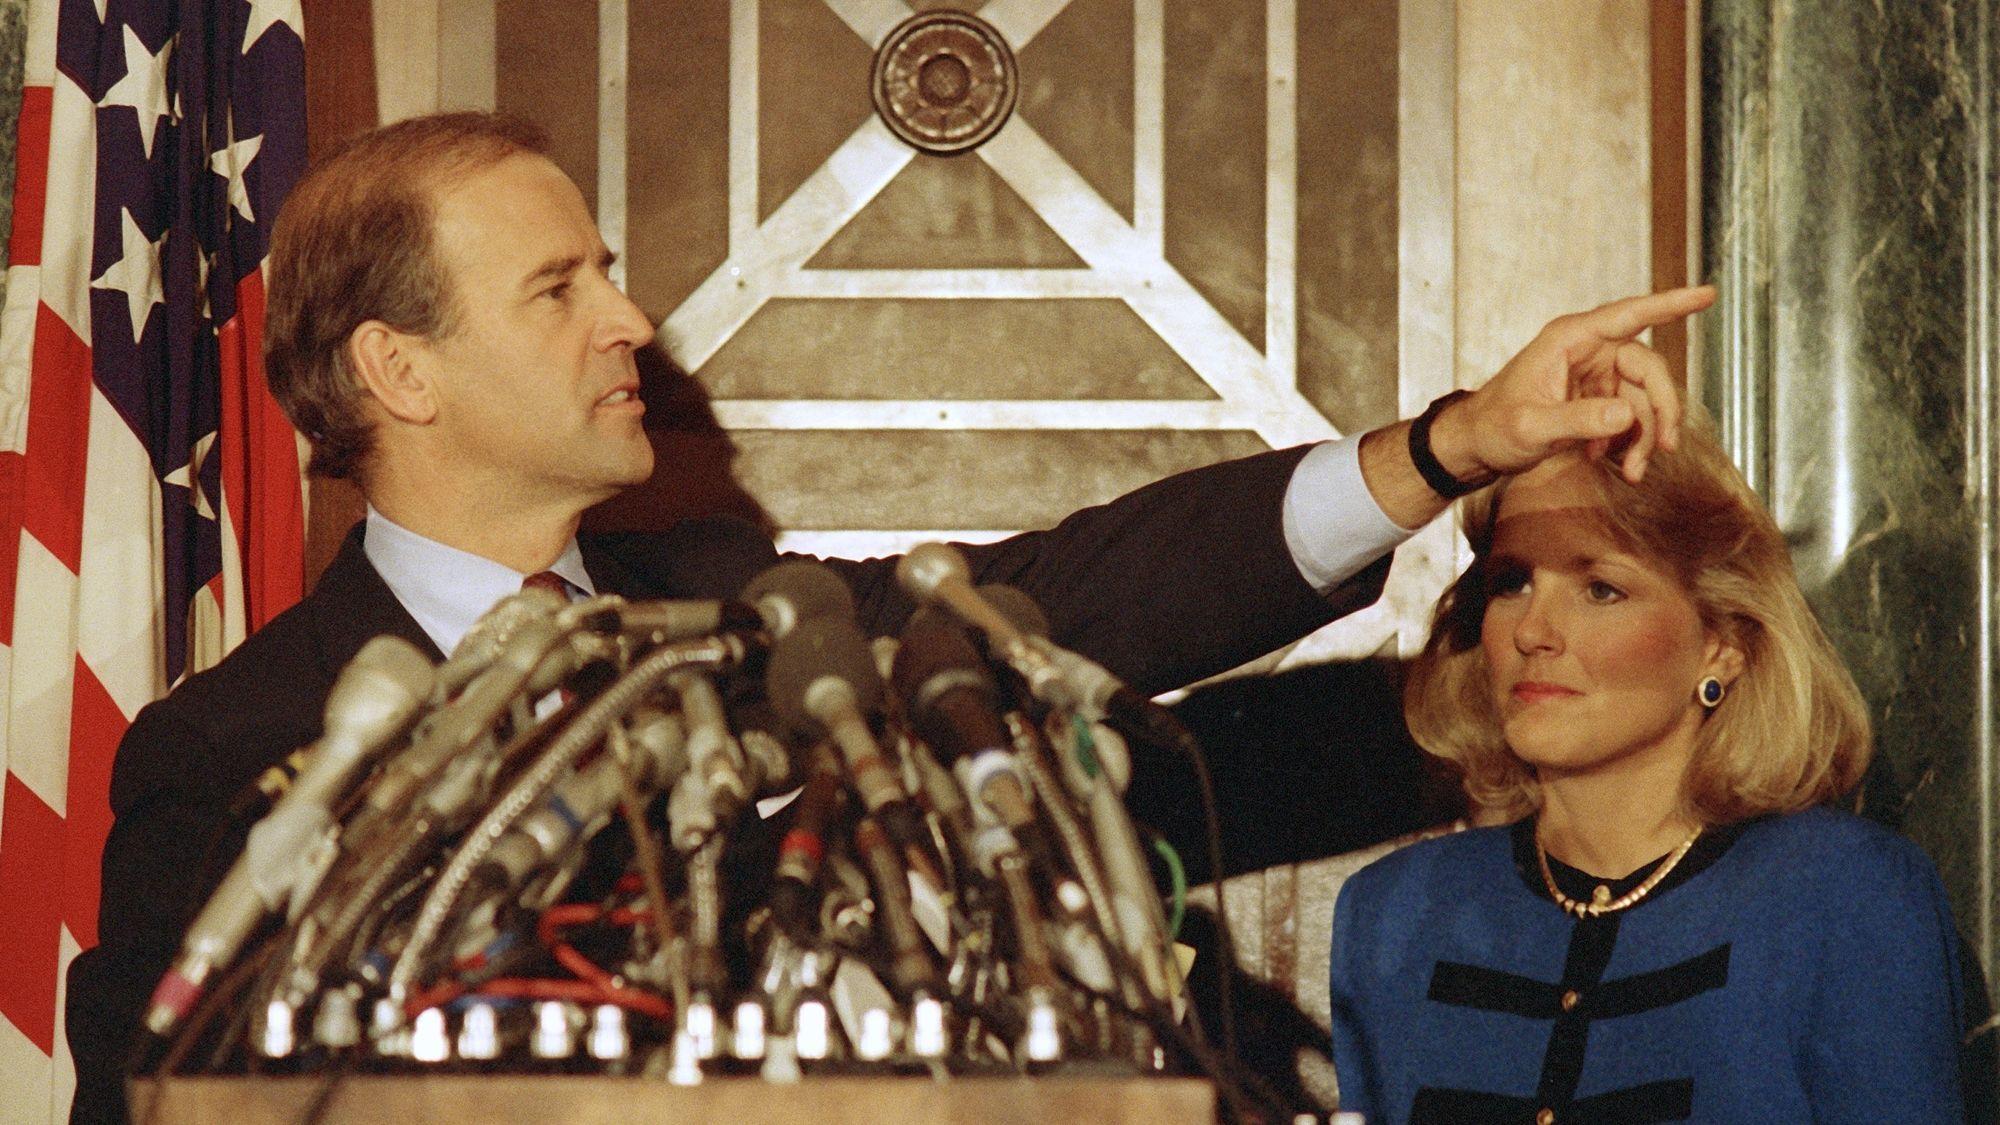 Джо Байден під час пресконференції 23 вересня 1987 року, на якій заявив про зняття своєї кандидатури на участь у виборах президента.